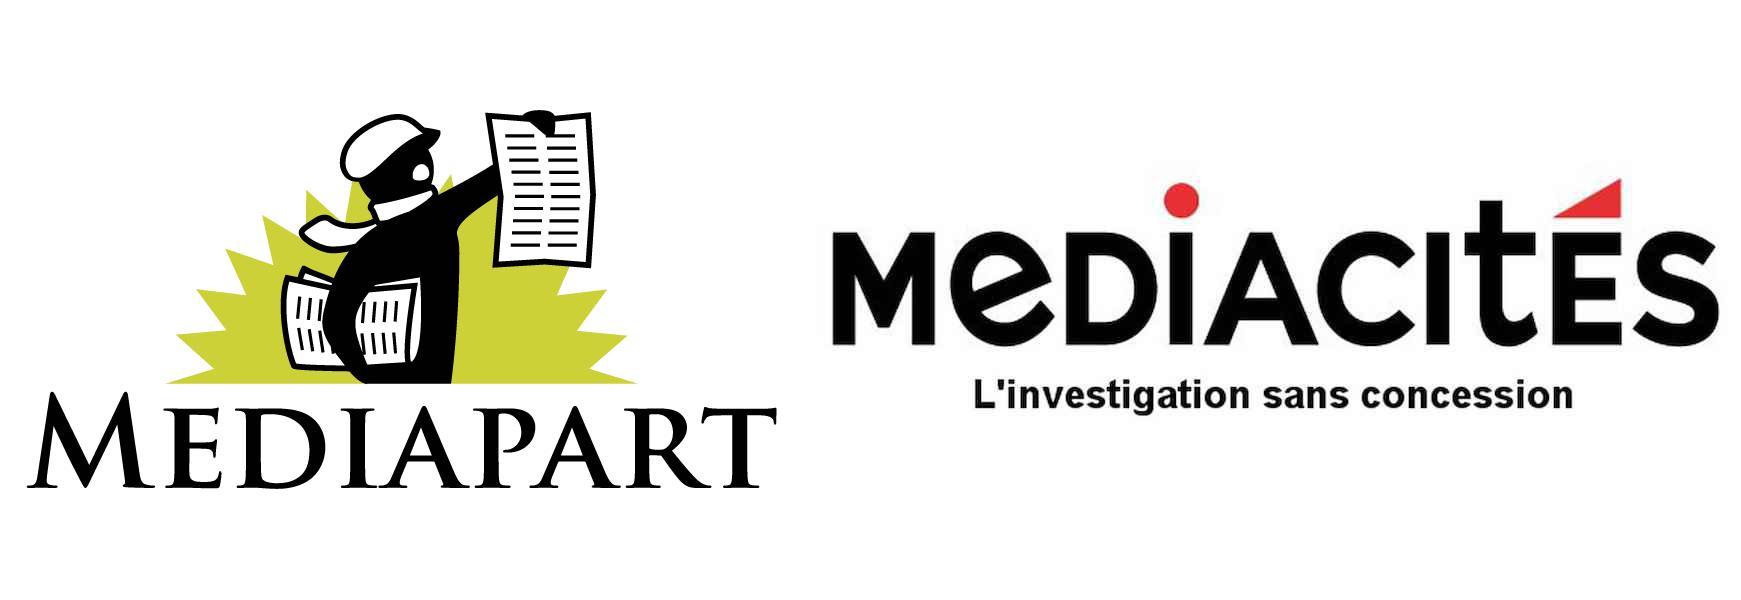 Logo Mediapart et Médiacitées